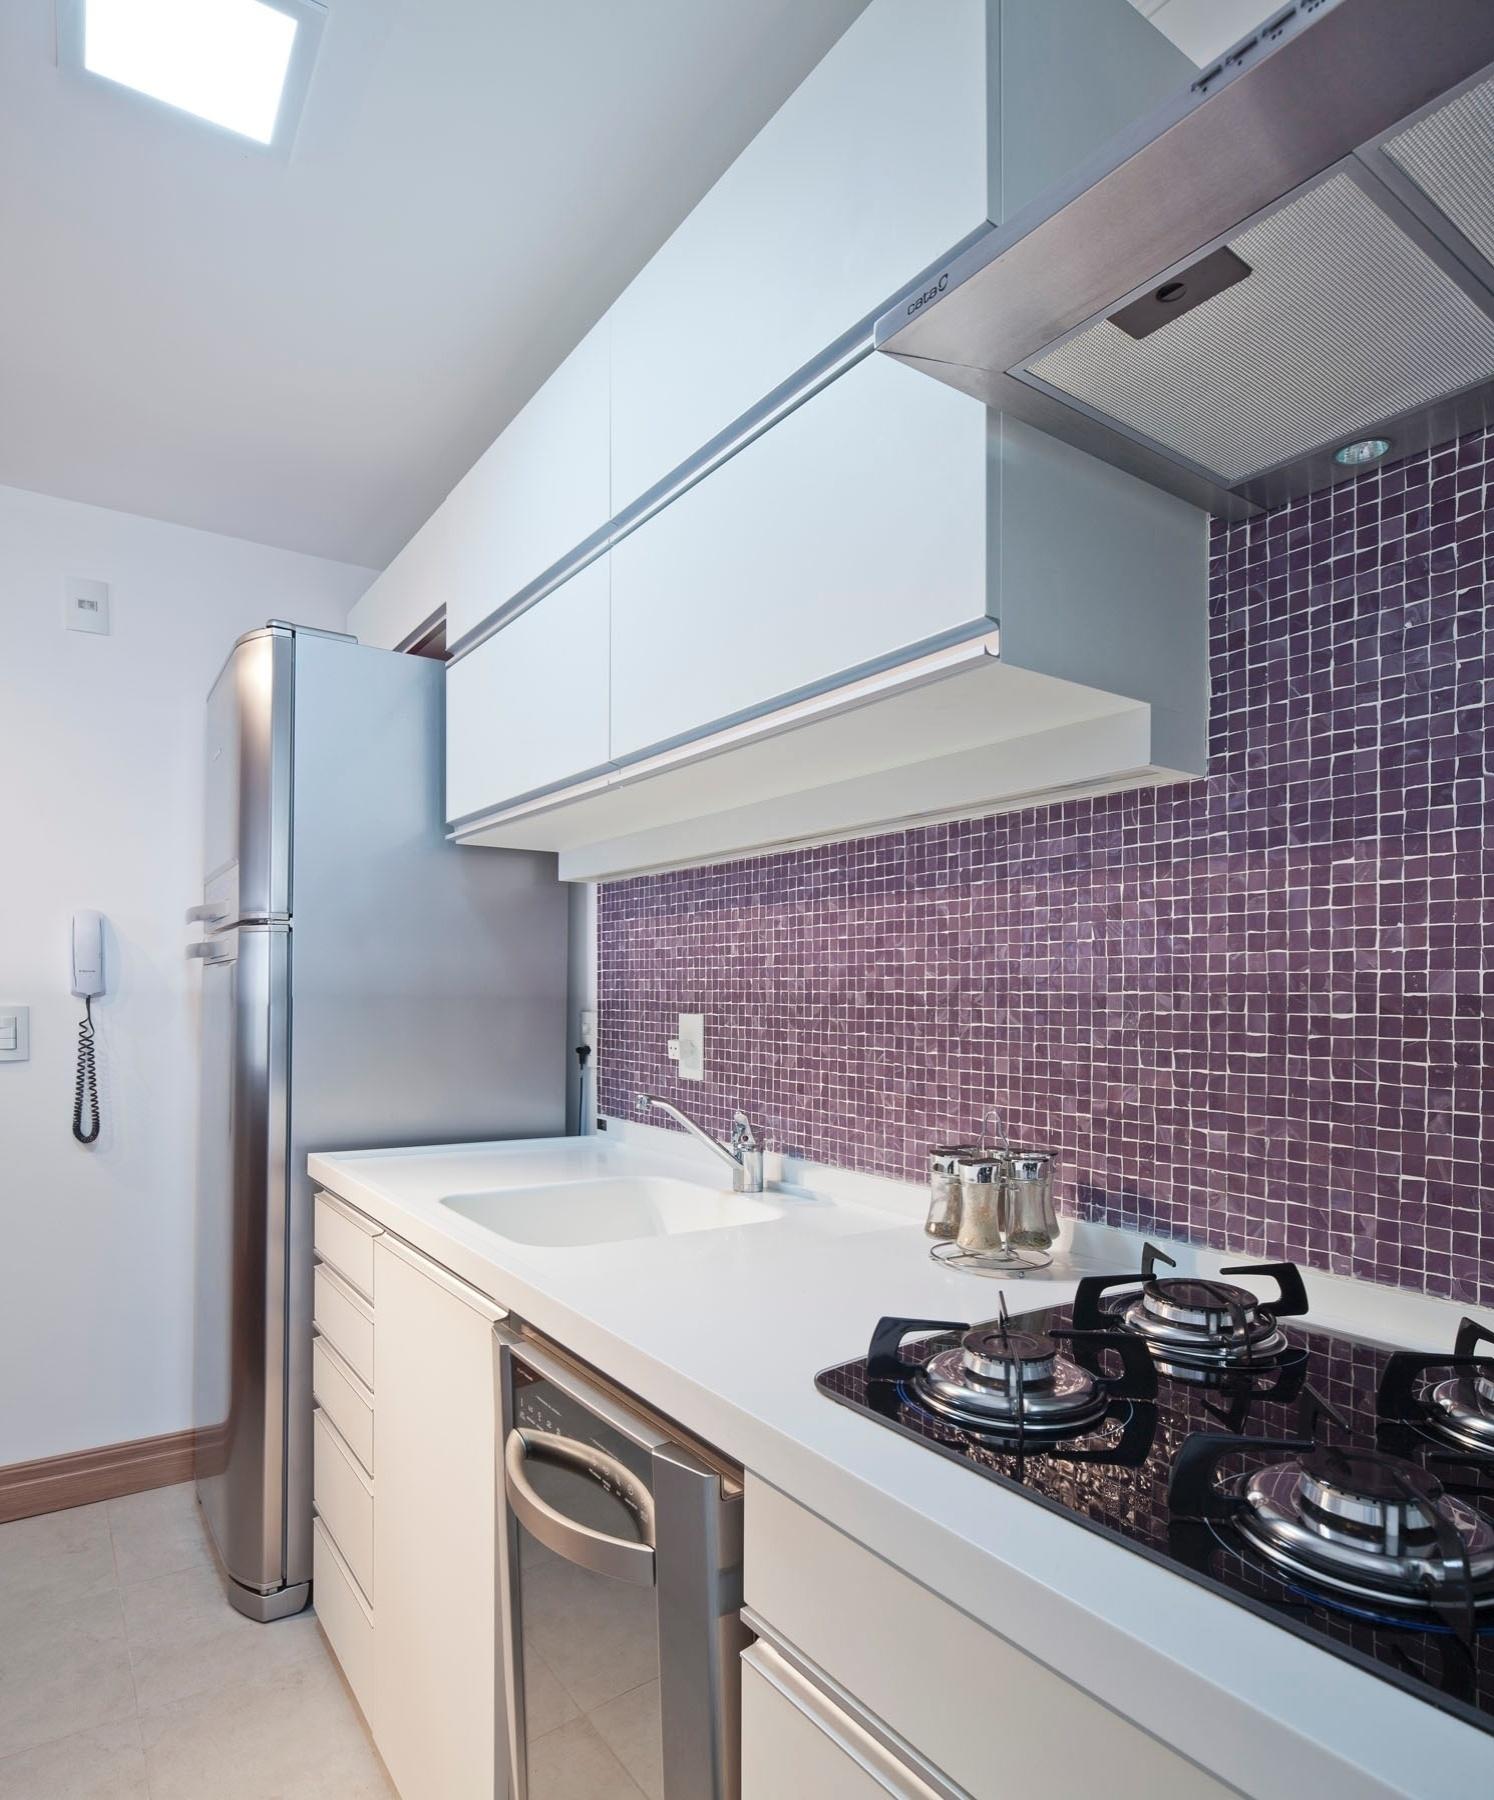 projeto de interiores do apartamento em Porto Alegre. O tampo da #556576 1494 1800